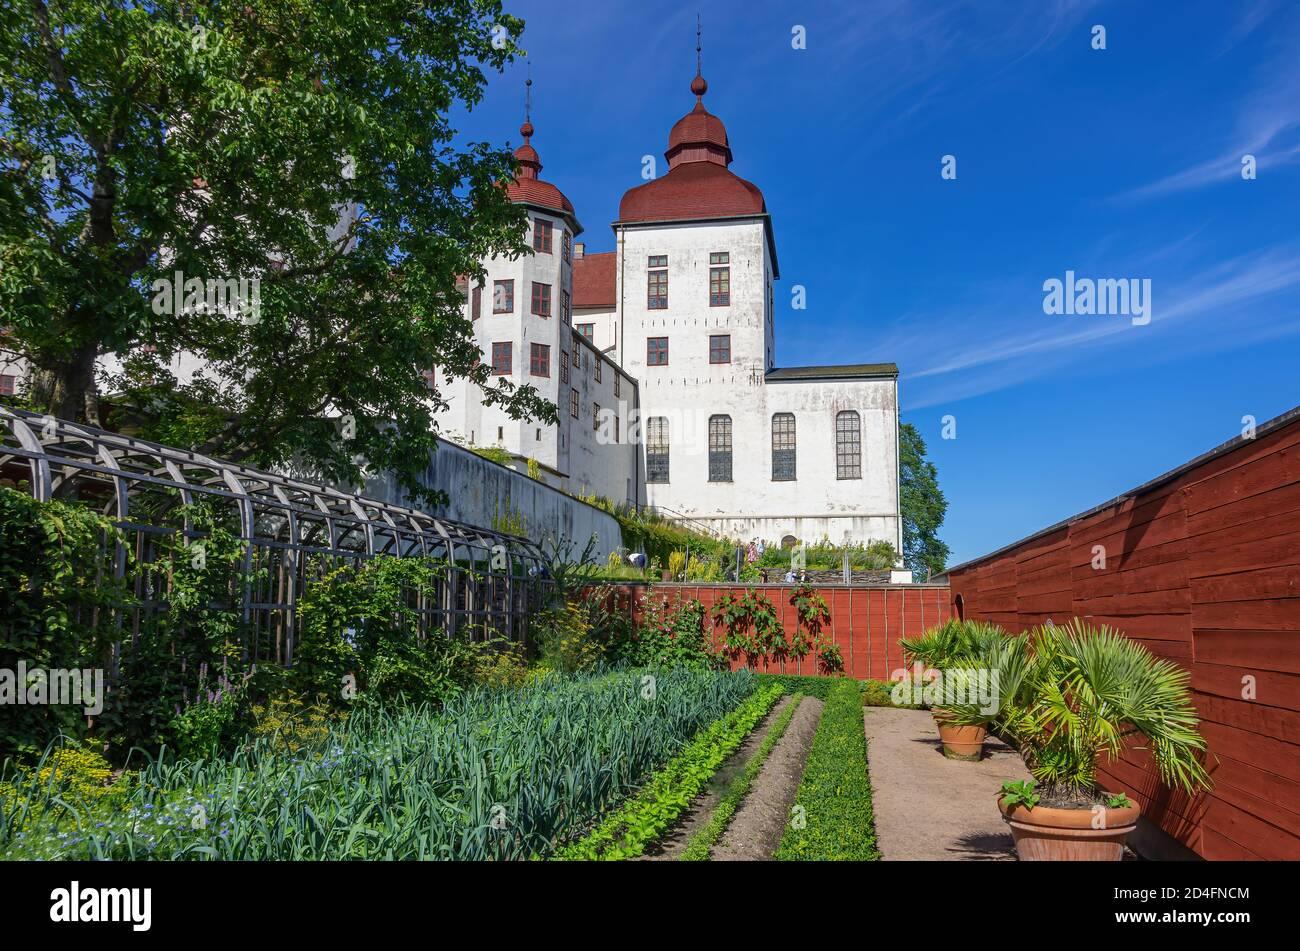 Vista del jardín histórico y el castillo barroco de Läckö en Kållandsö en el lago Vänern en Västergötland, Suecia. Foto de stock